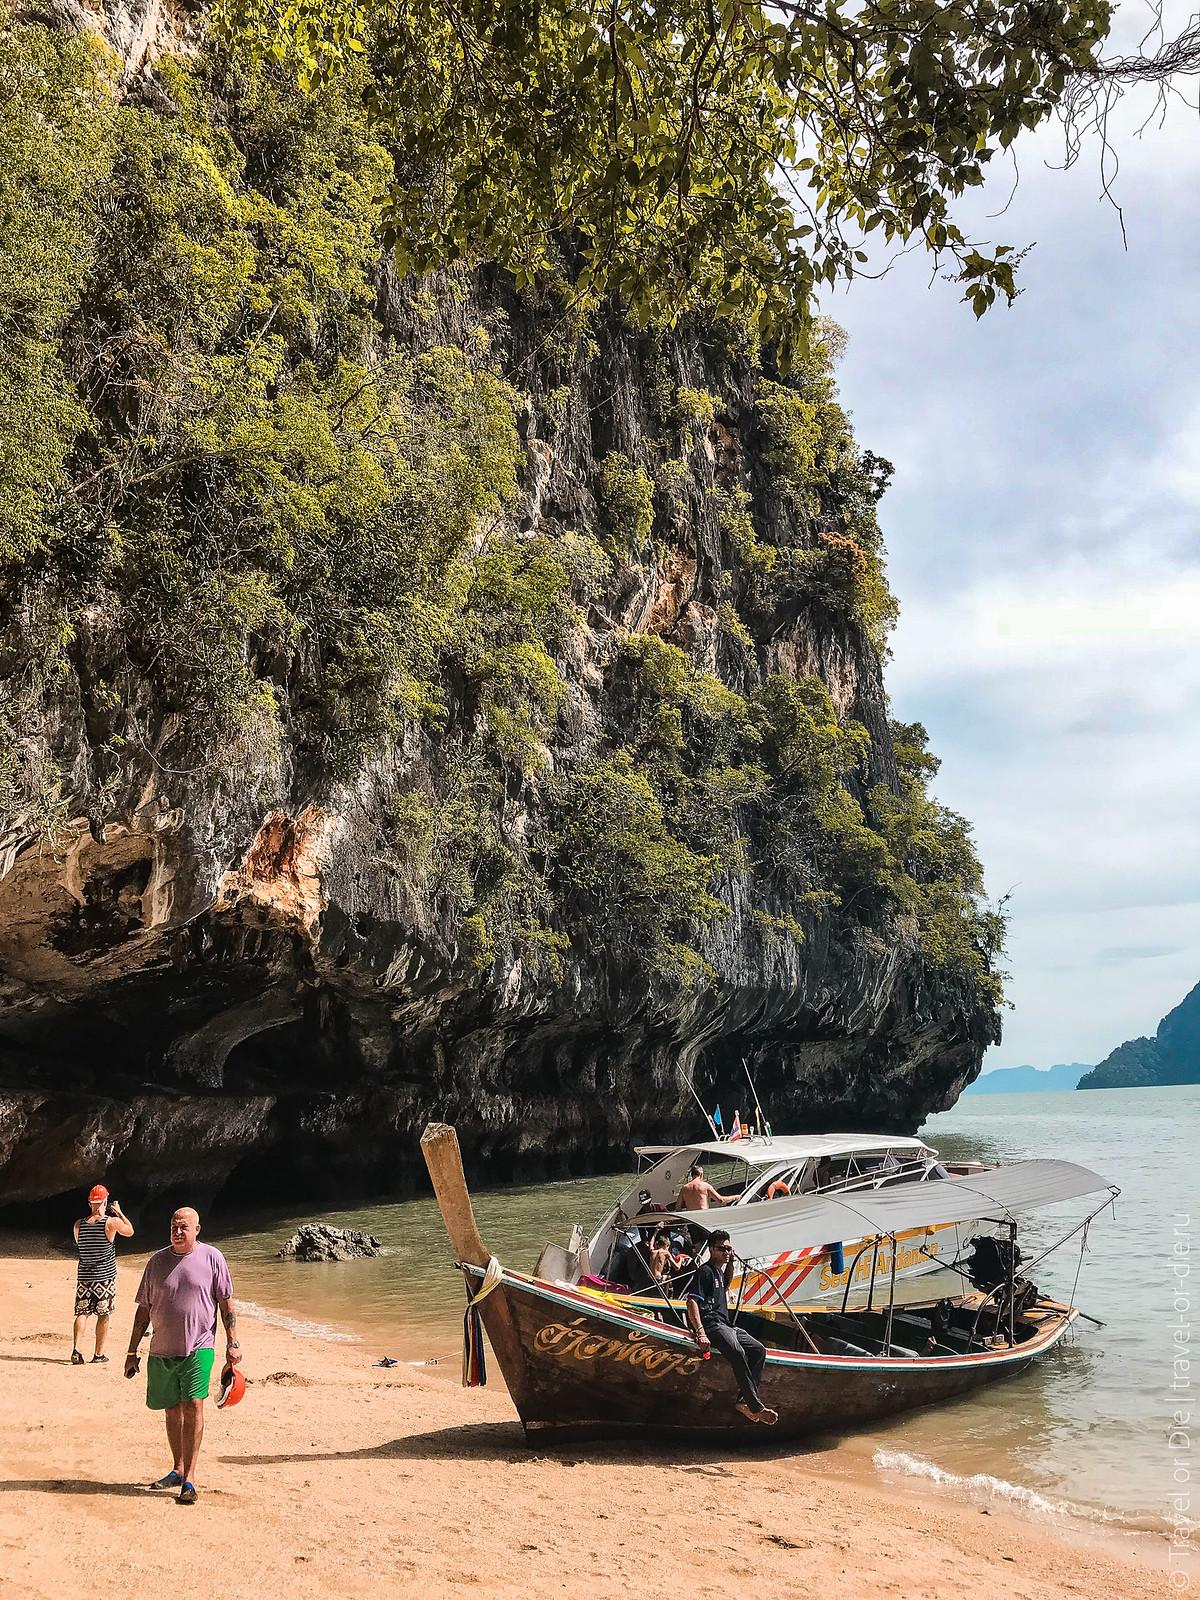 Panak-Island-Остров-Панак-Thailand-8367